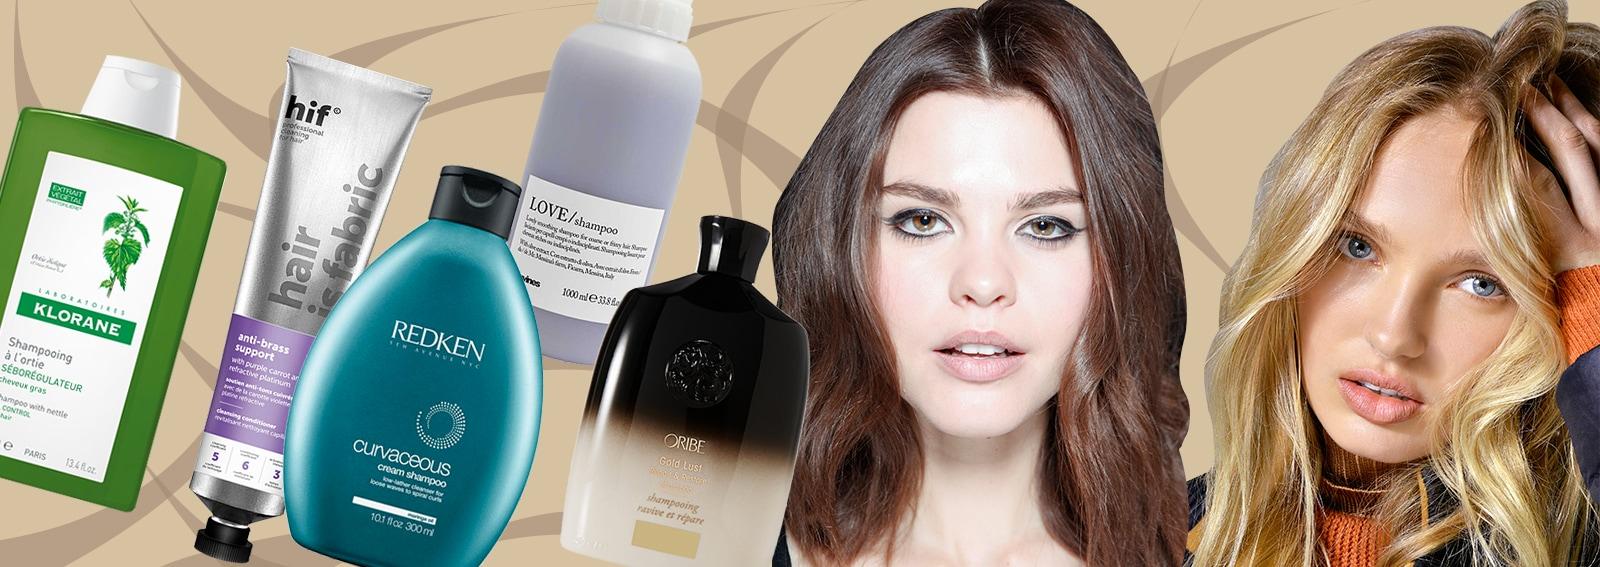 come scegliere lo shampoo giusto a seconda del tipo di capelli